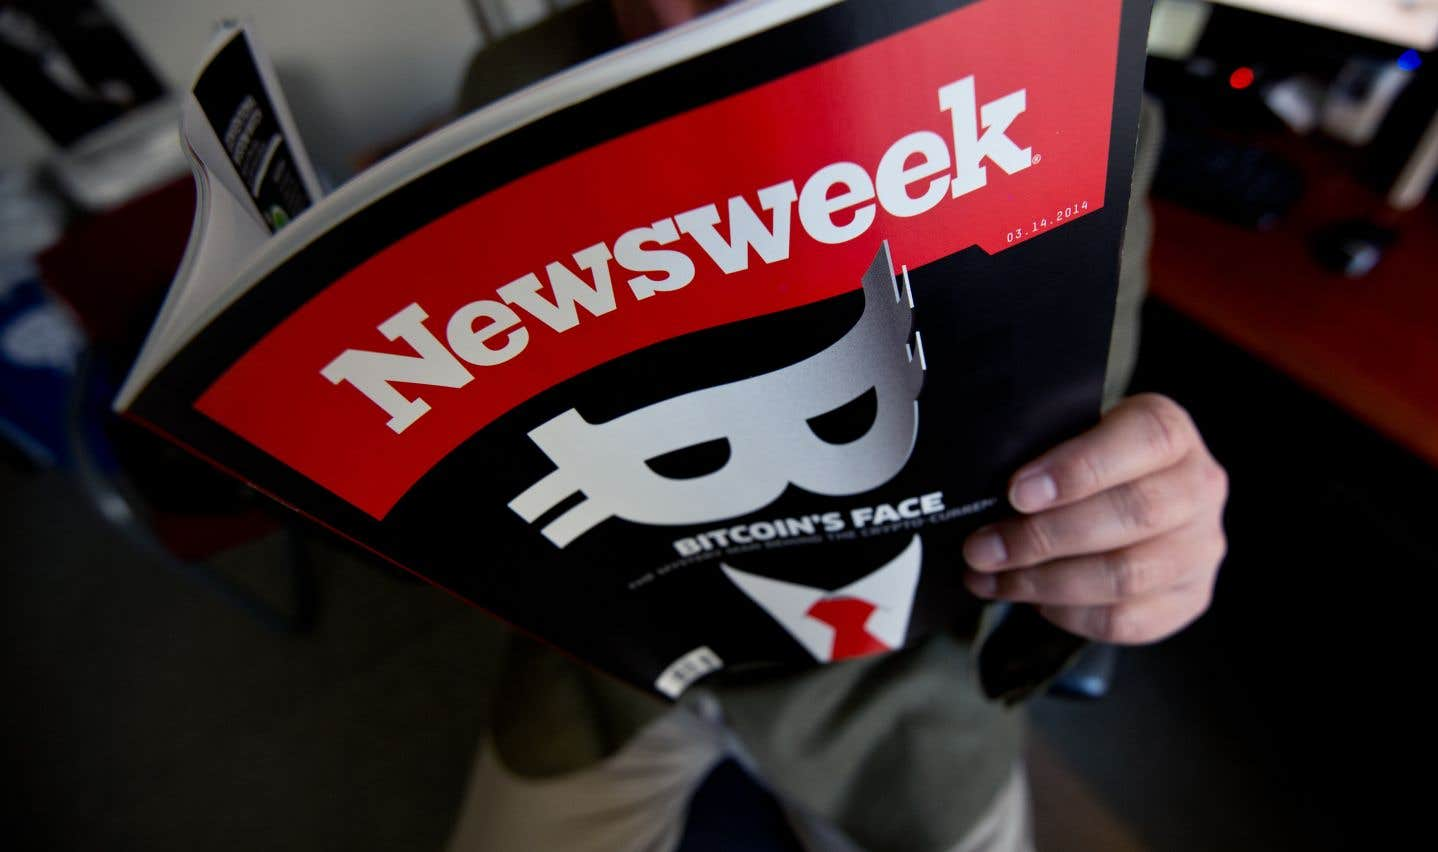 Titre historique de la presse américaine, fondé en 1933, Newsweek a connu de sérieuses difficultés au tournant des années 2010.